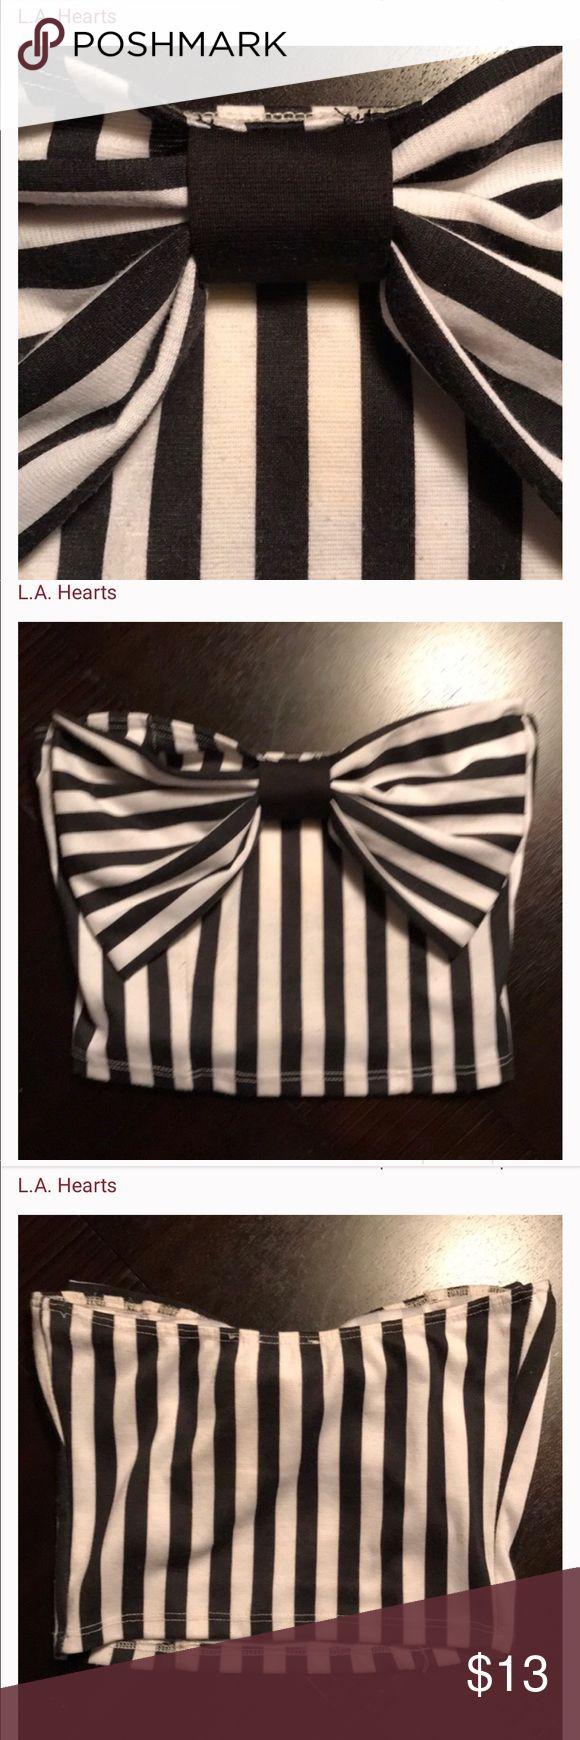 L.A. Hearts striped bow crop top! Adorbs! 0 flaws. Thx! L.A. Hearts Tops Crop Tops